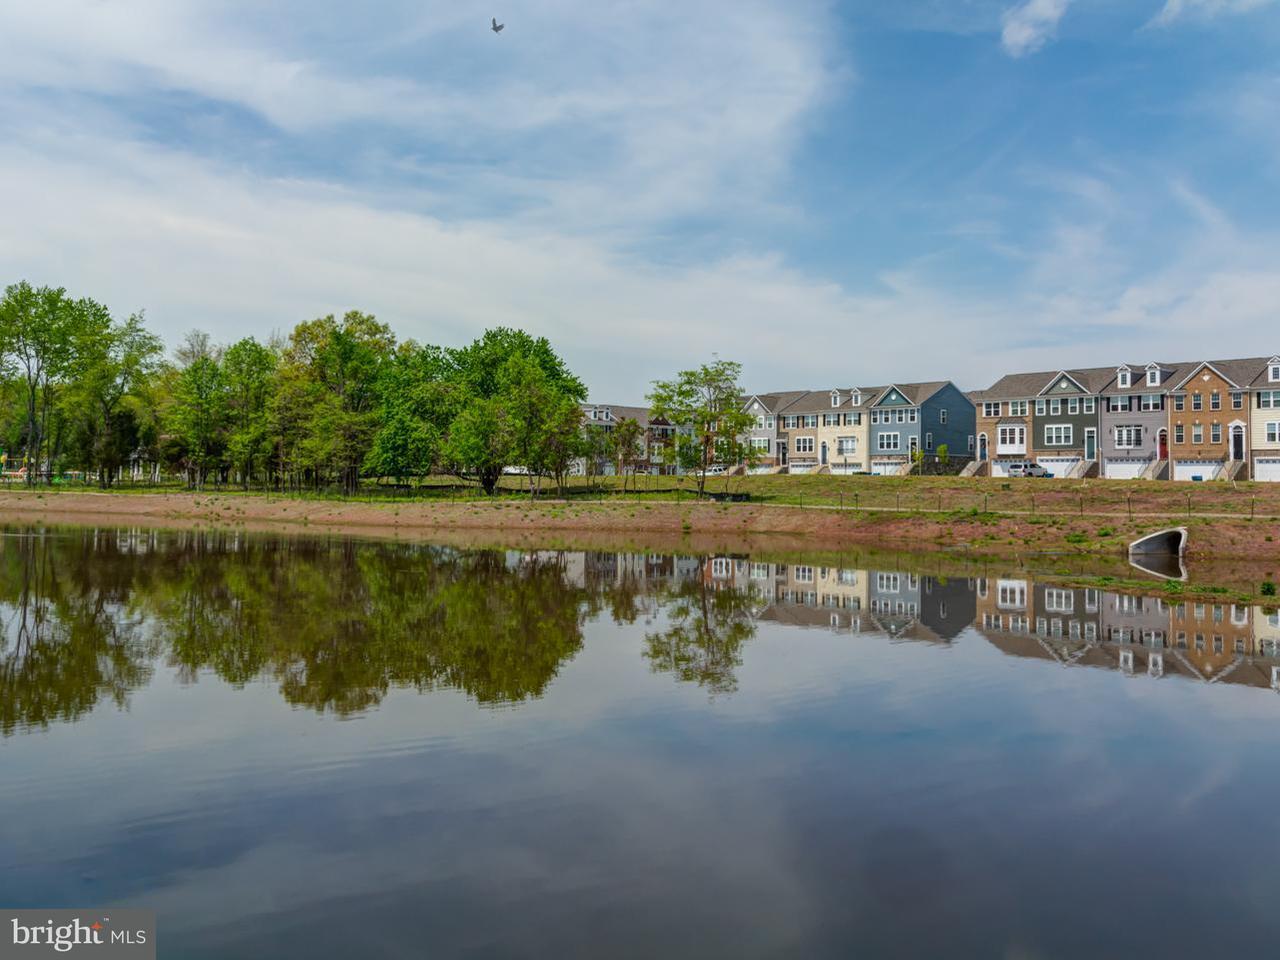 Σπίτι στην πόλη για την Πώληση στο 10538 HINTON WAY 10538 HINTON WAY Manassas, Βιρτζινια 20112 Ηνωμενεσ Πολιτειεσ